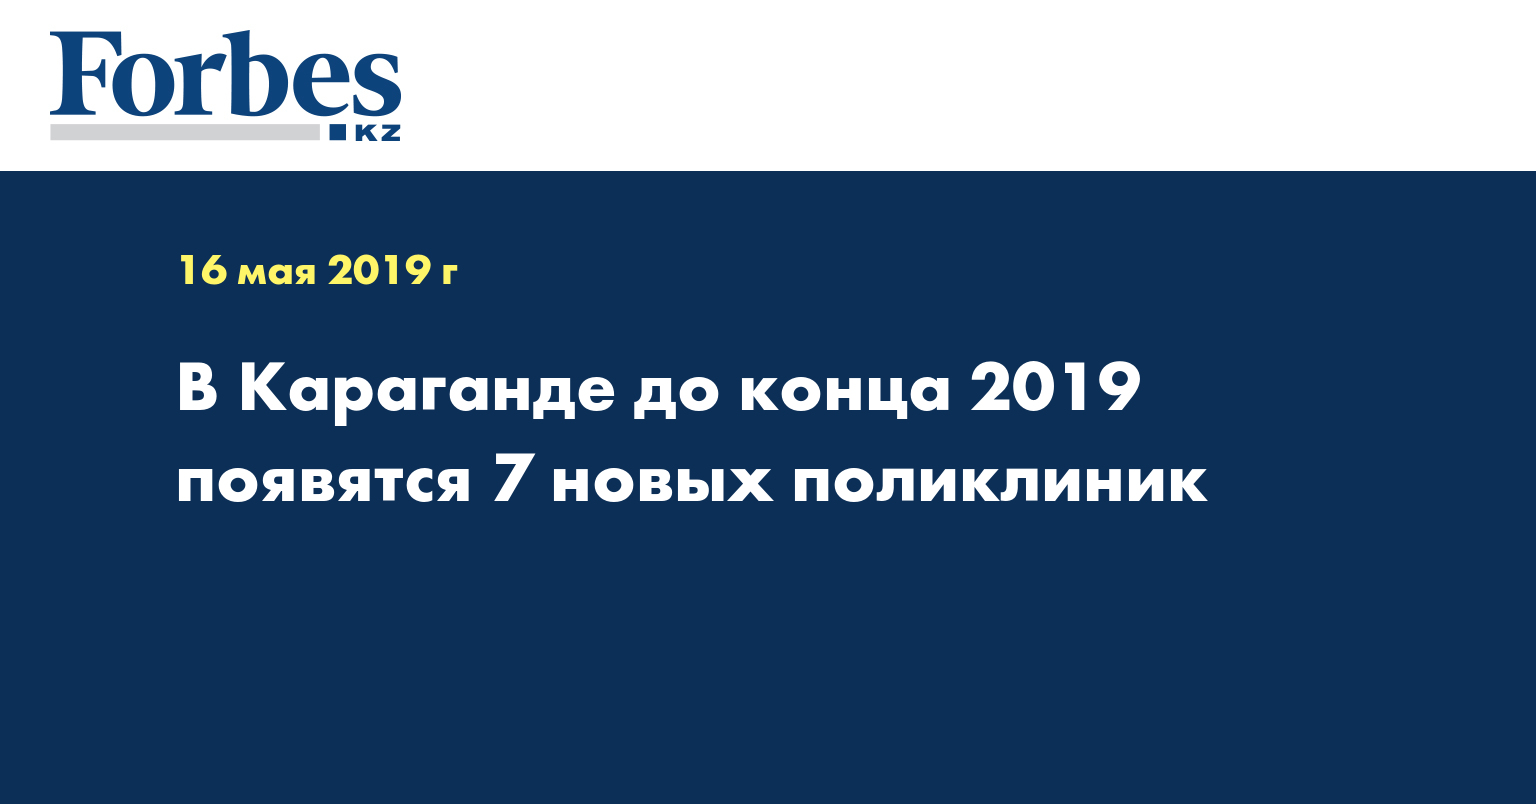 В Караганде до конца 2019 появятся 7 новых поликлиник